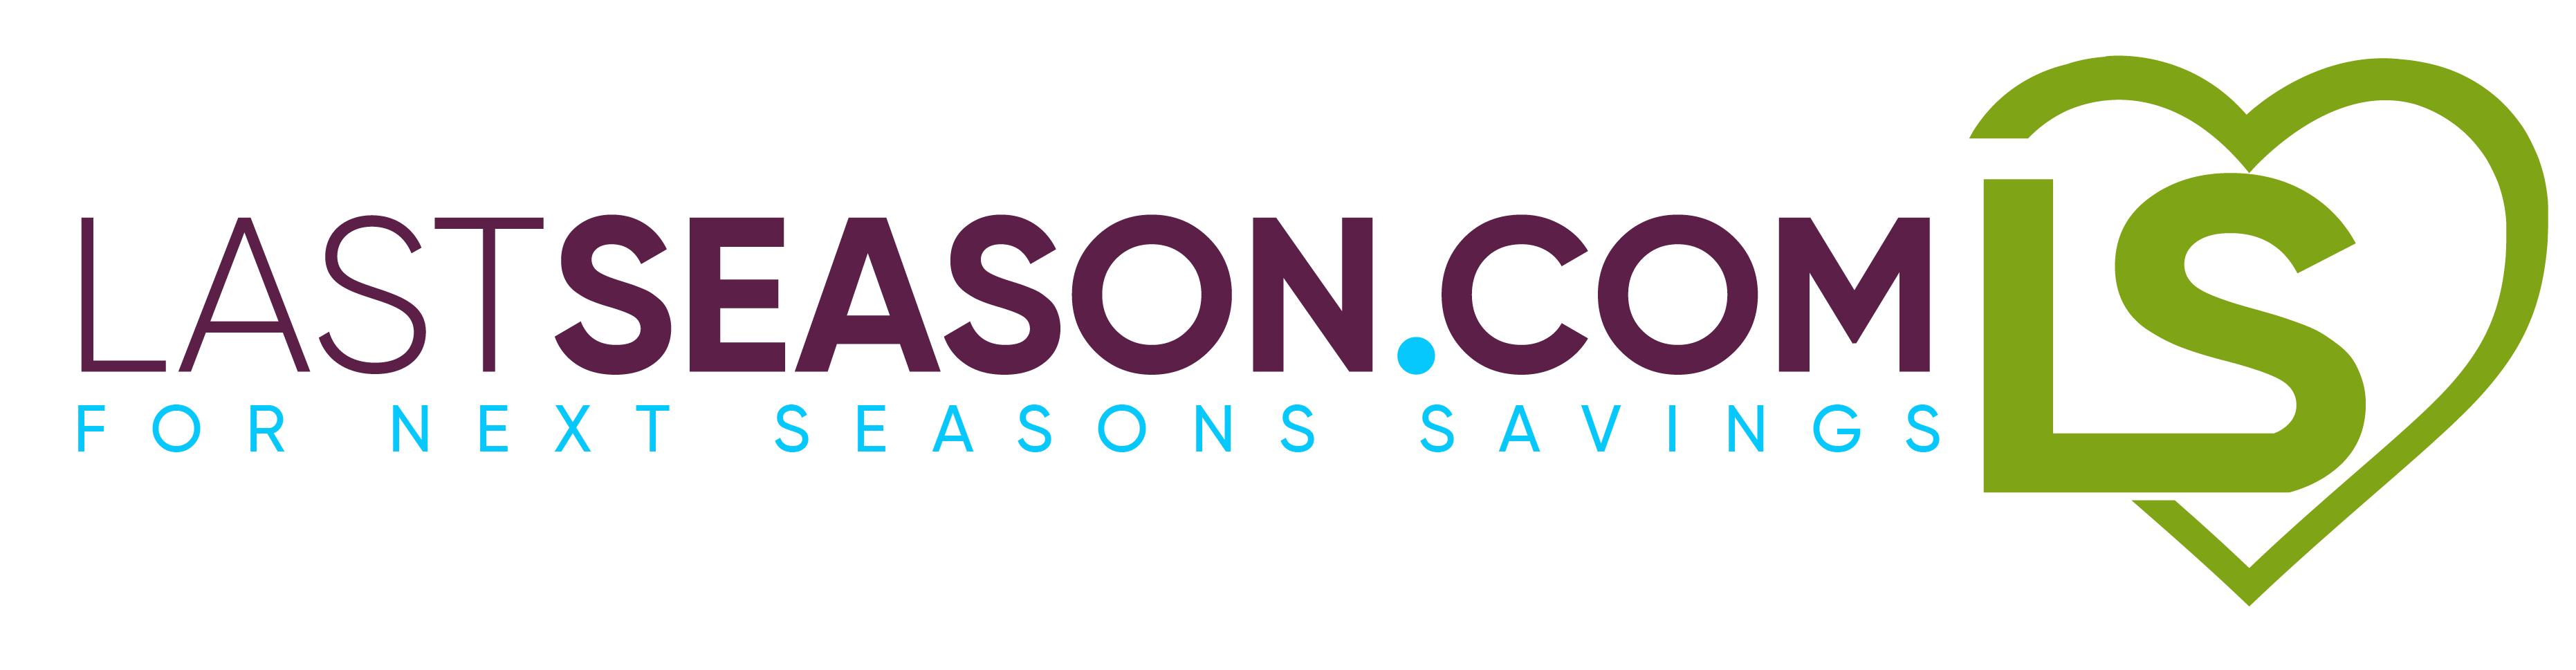 Lastseason.com